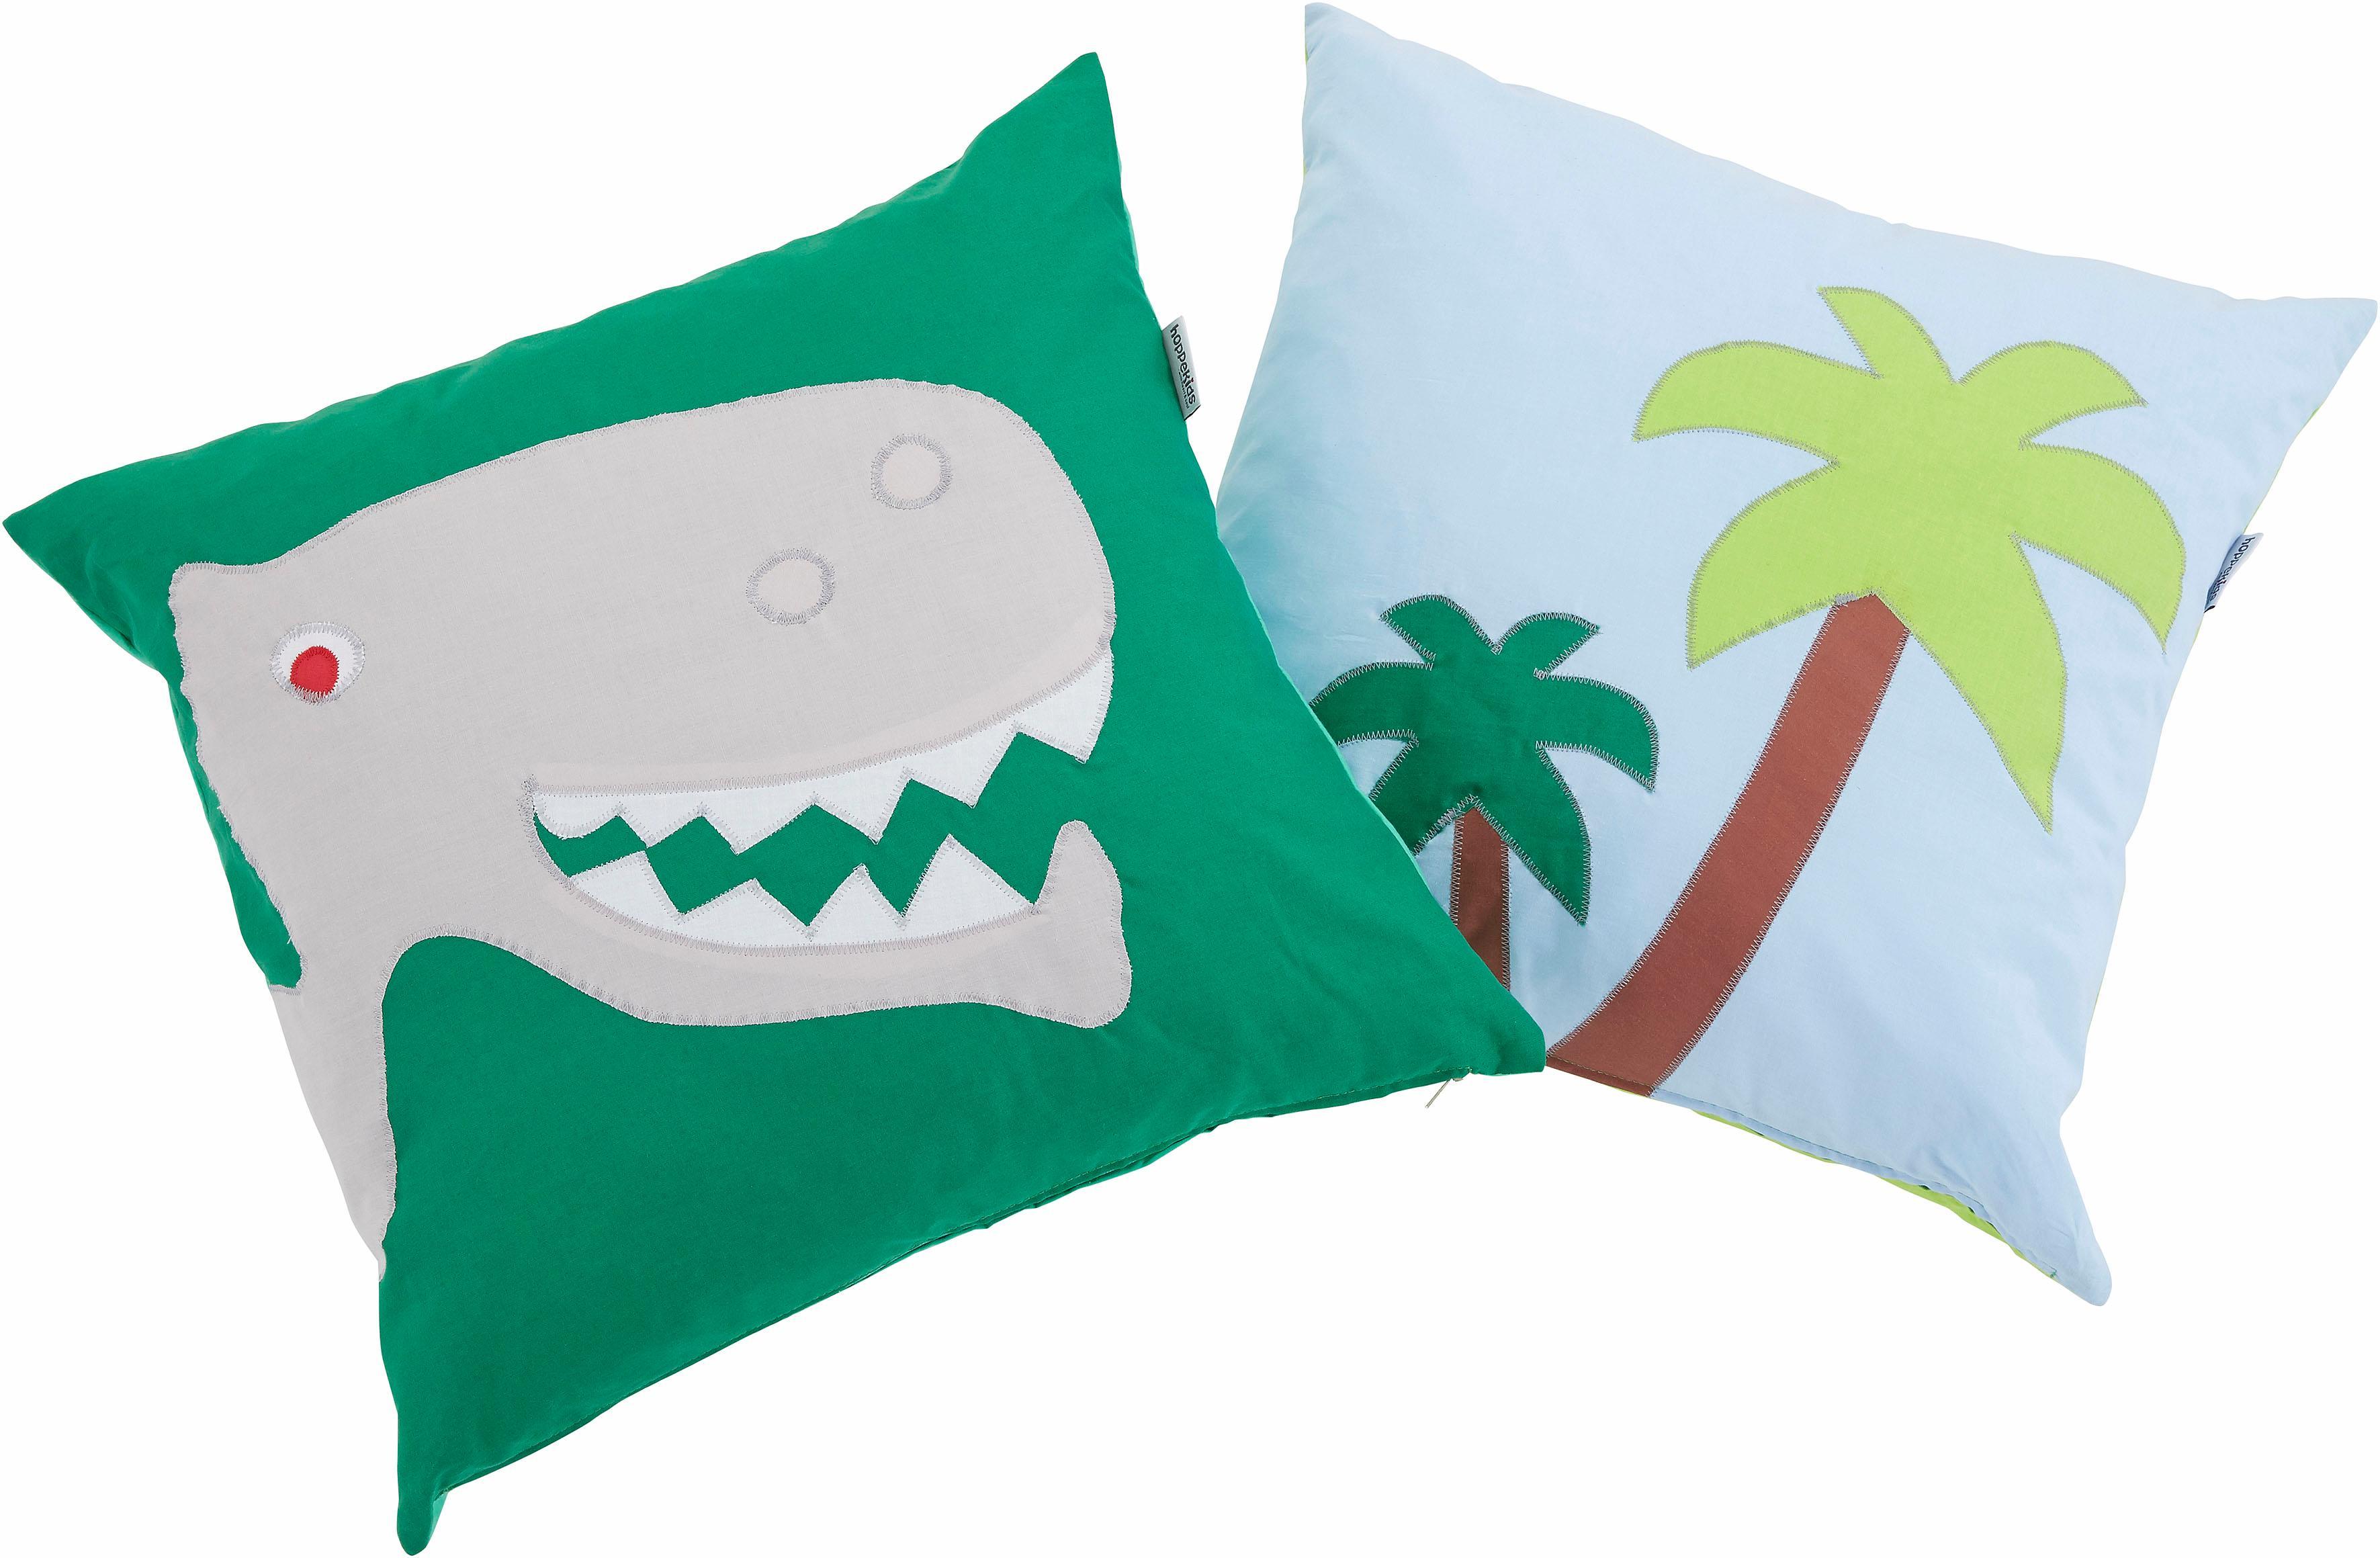 Hoppekids Kissen-Set (2tlg) Dinosaurier | Kinderzimmer > Textilien für Kinder > Kinderkissen | Grün | Hoppekids